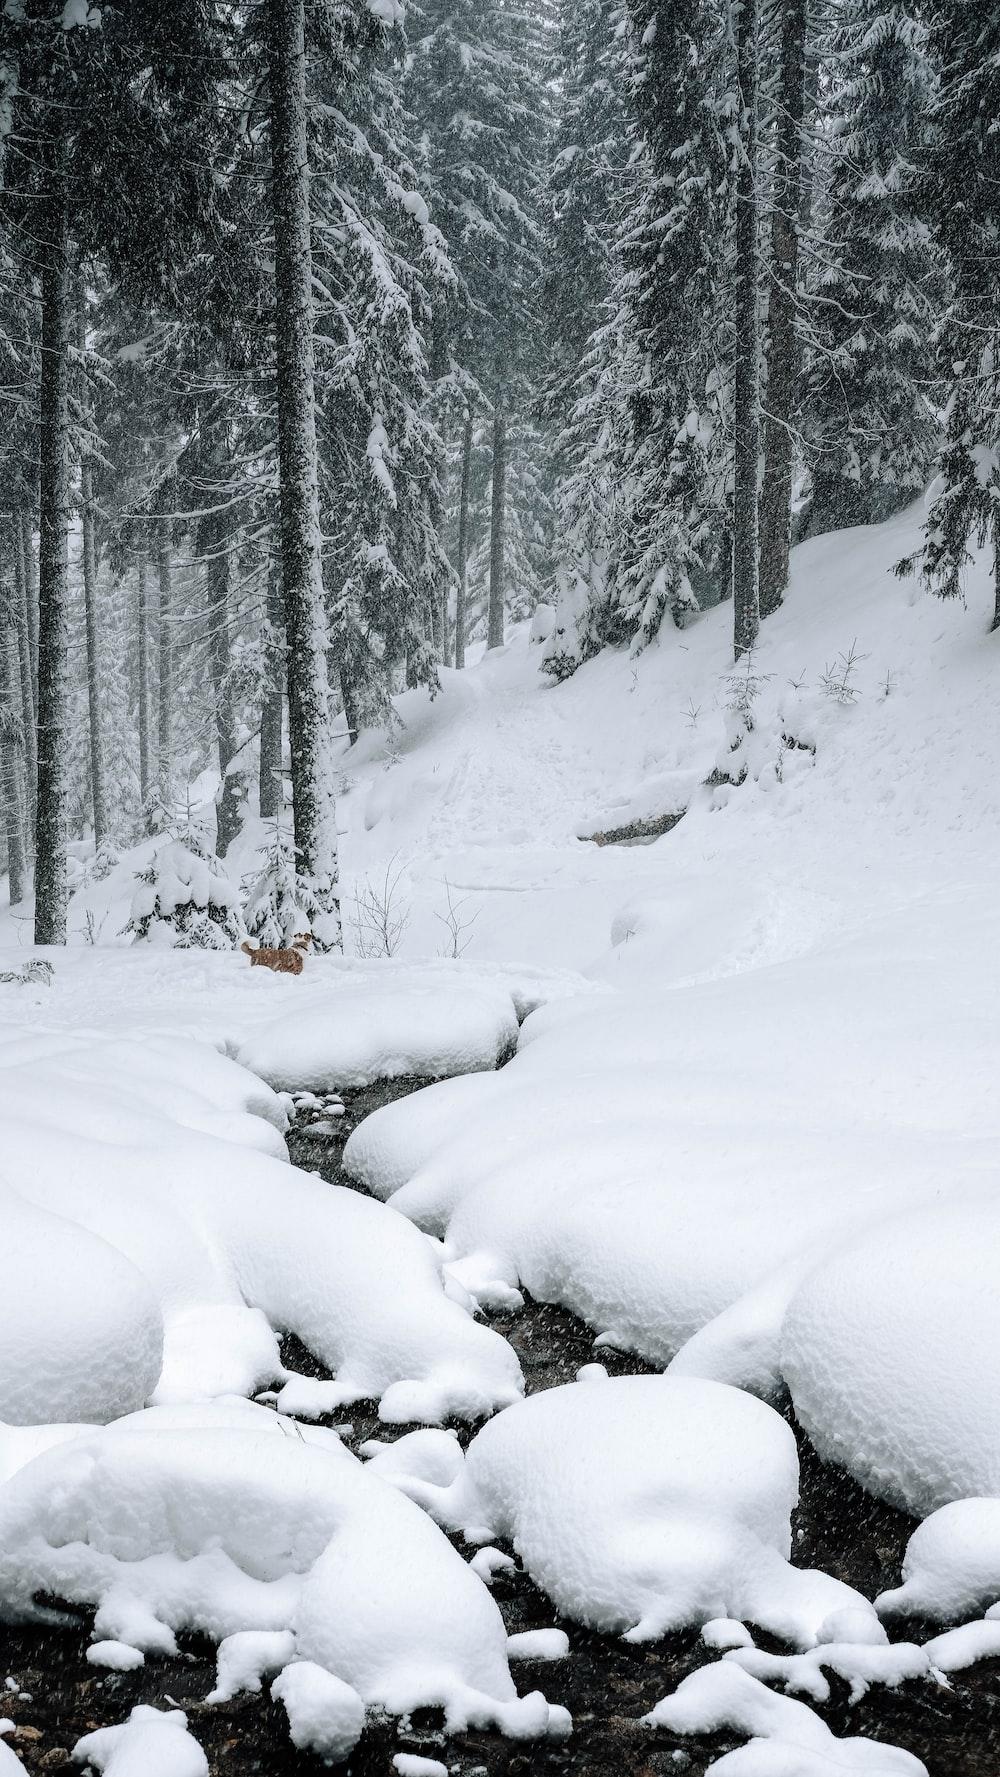 river between snowfield